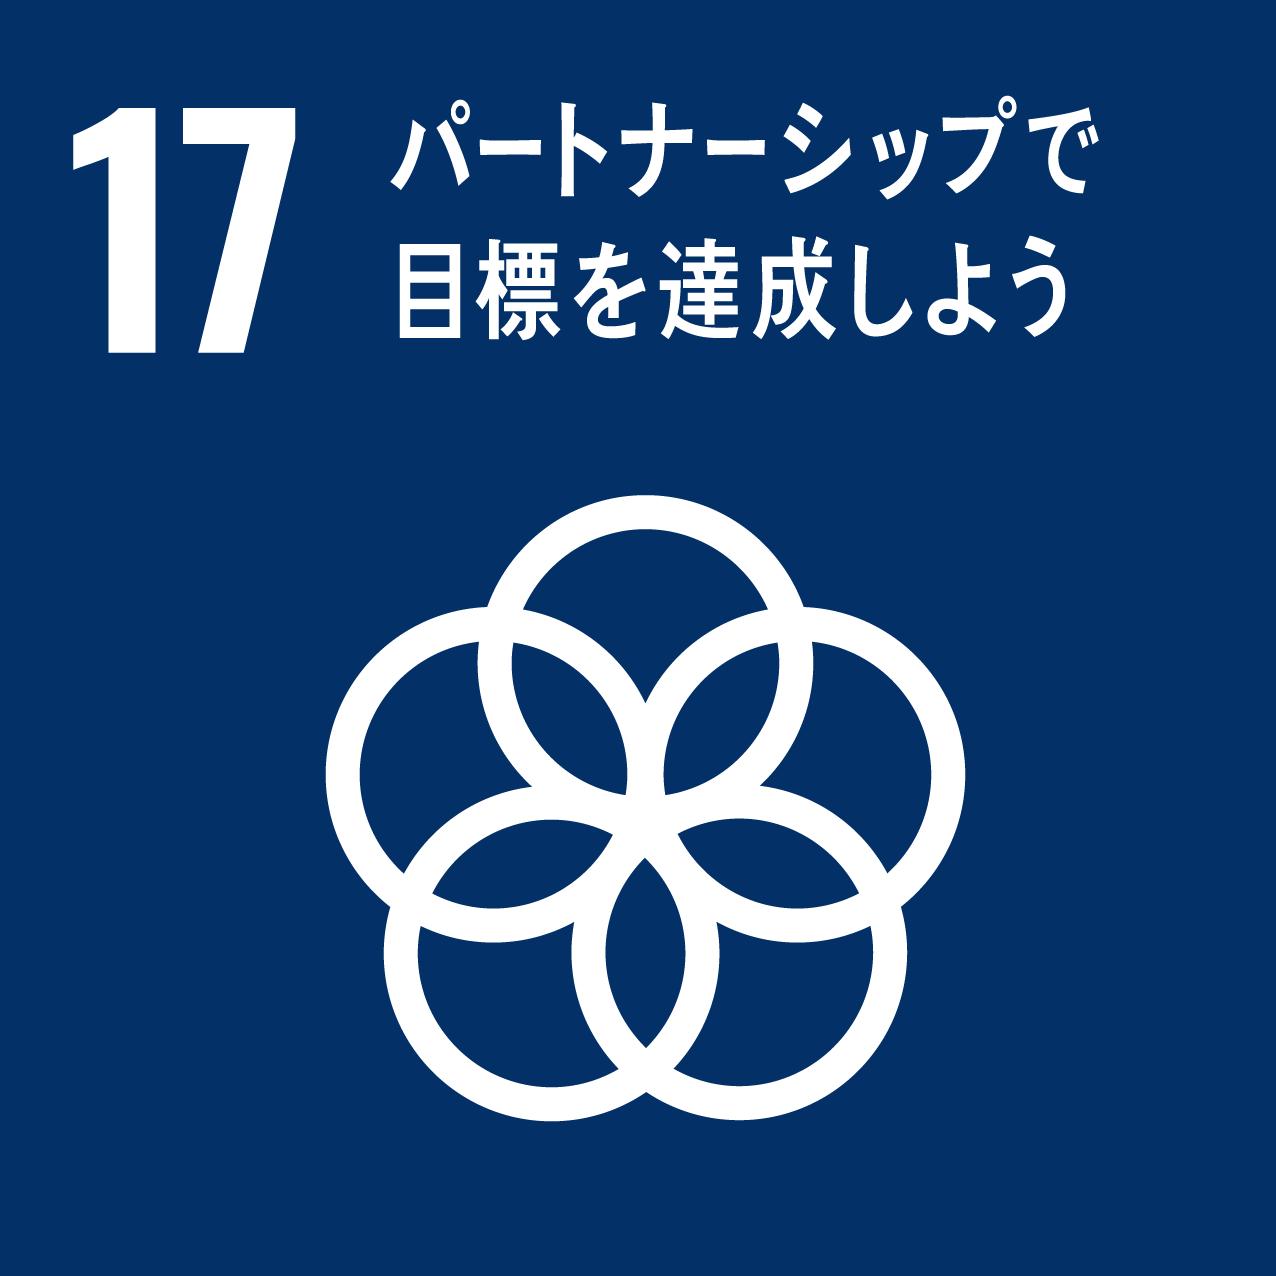 SDGs 17.パートナーシップで目標を達成しよう